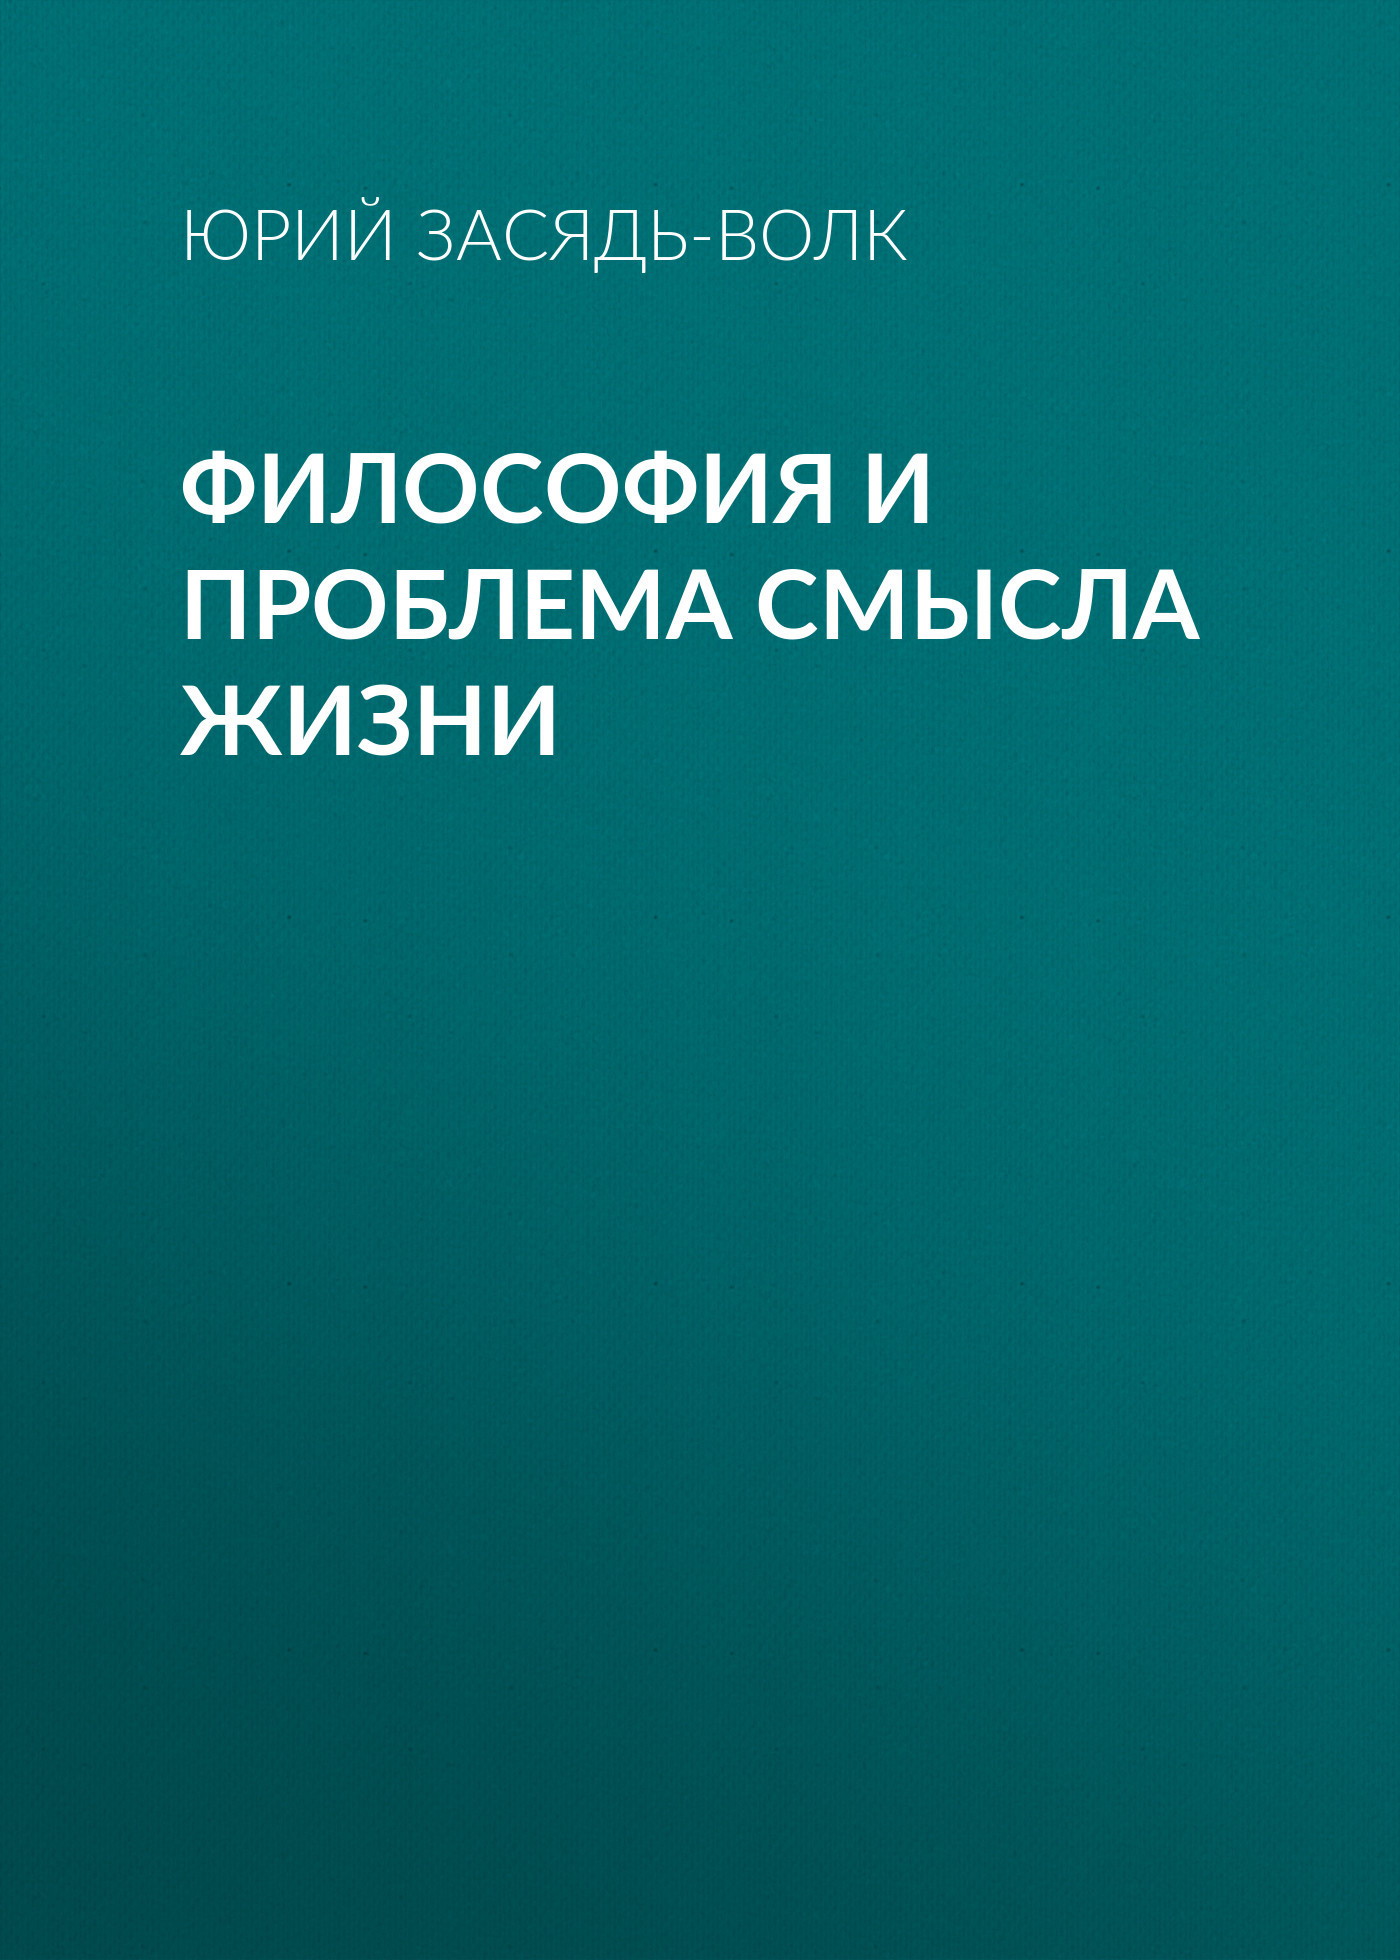 Юрий Засядь-Волк Философия и проблема смысла жизни